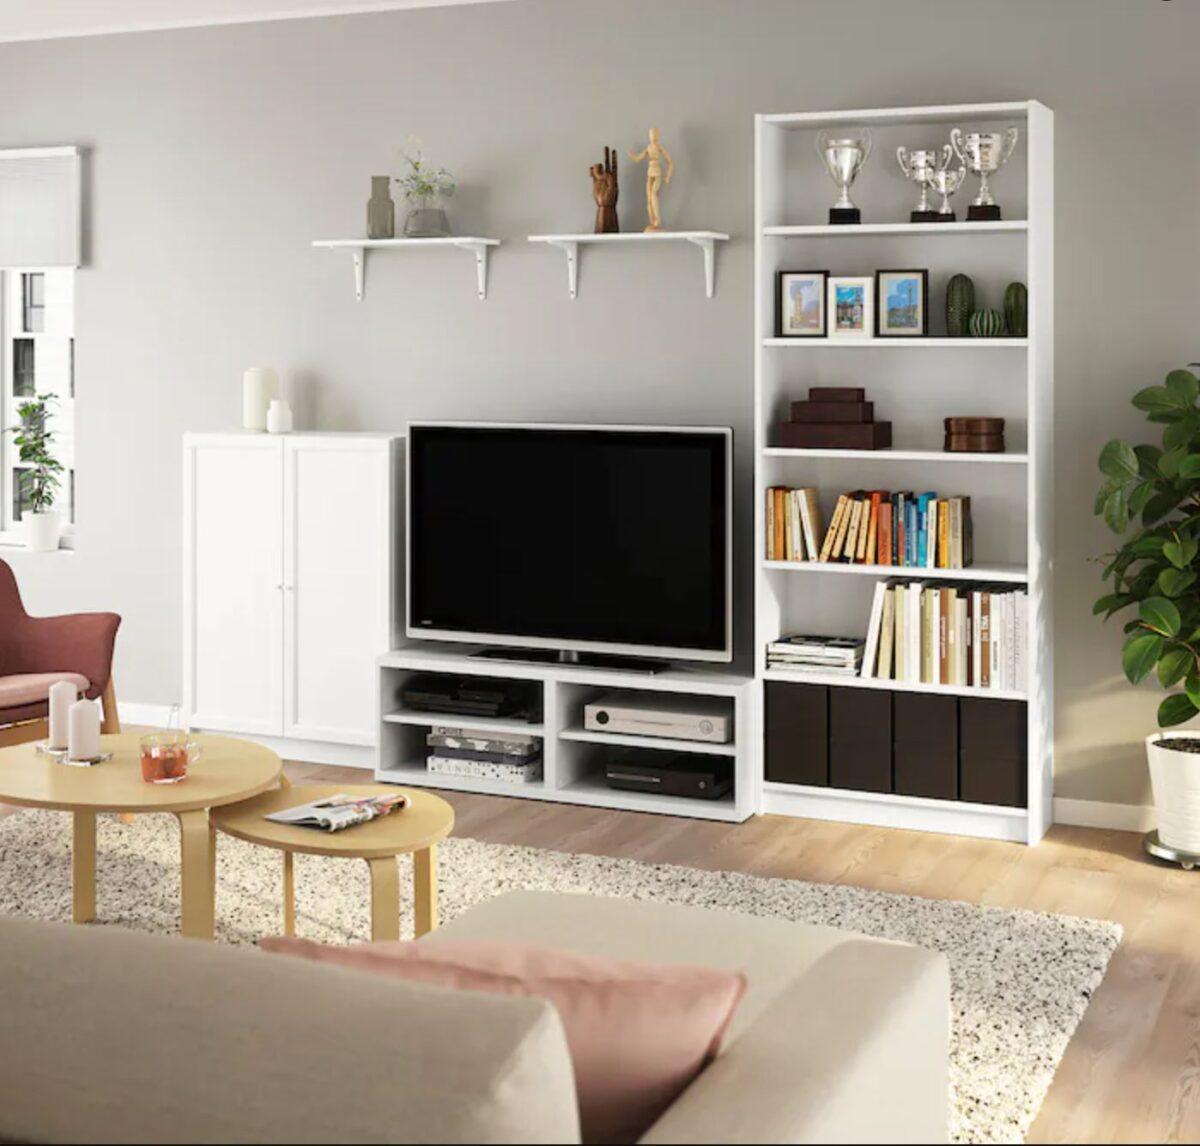 librerie-componibili-IKEA-4